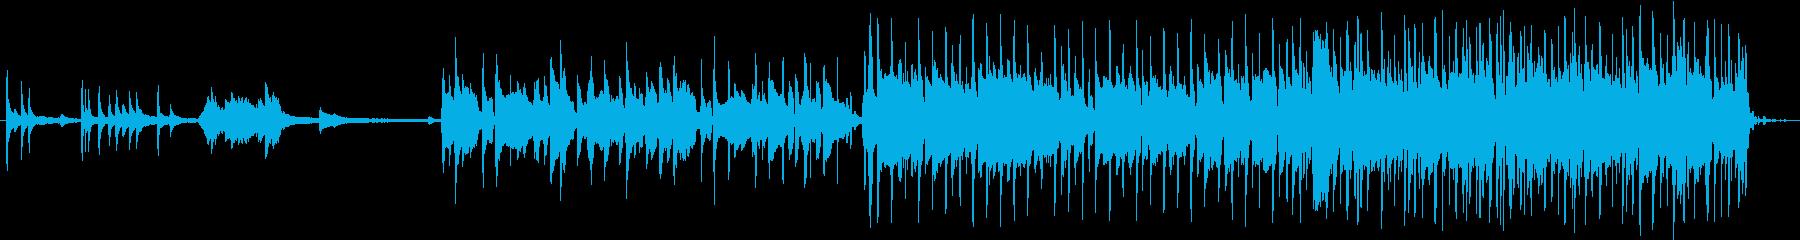 切ない曲調のバラードの再生済みの波形